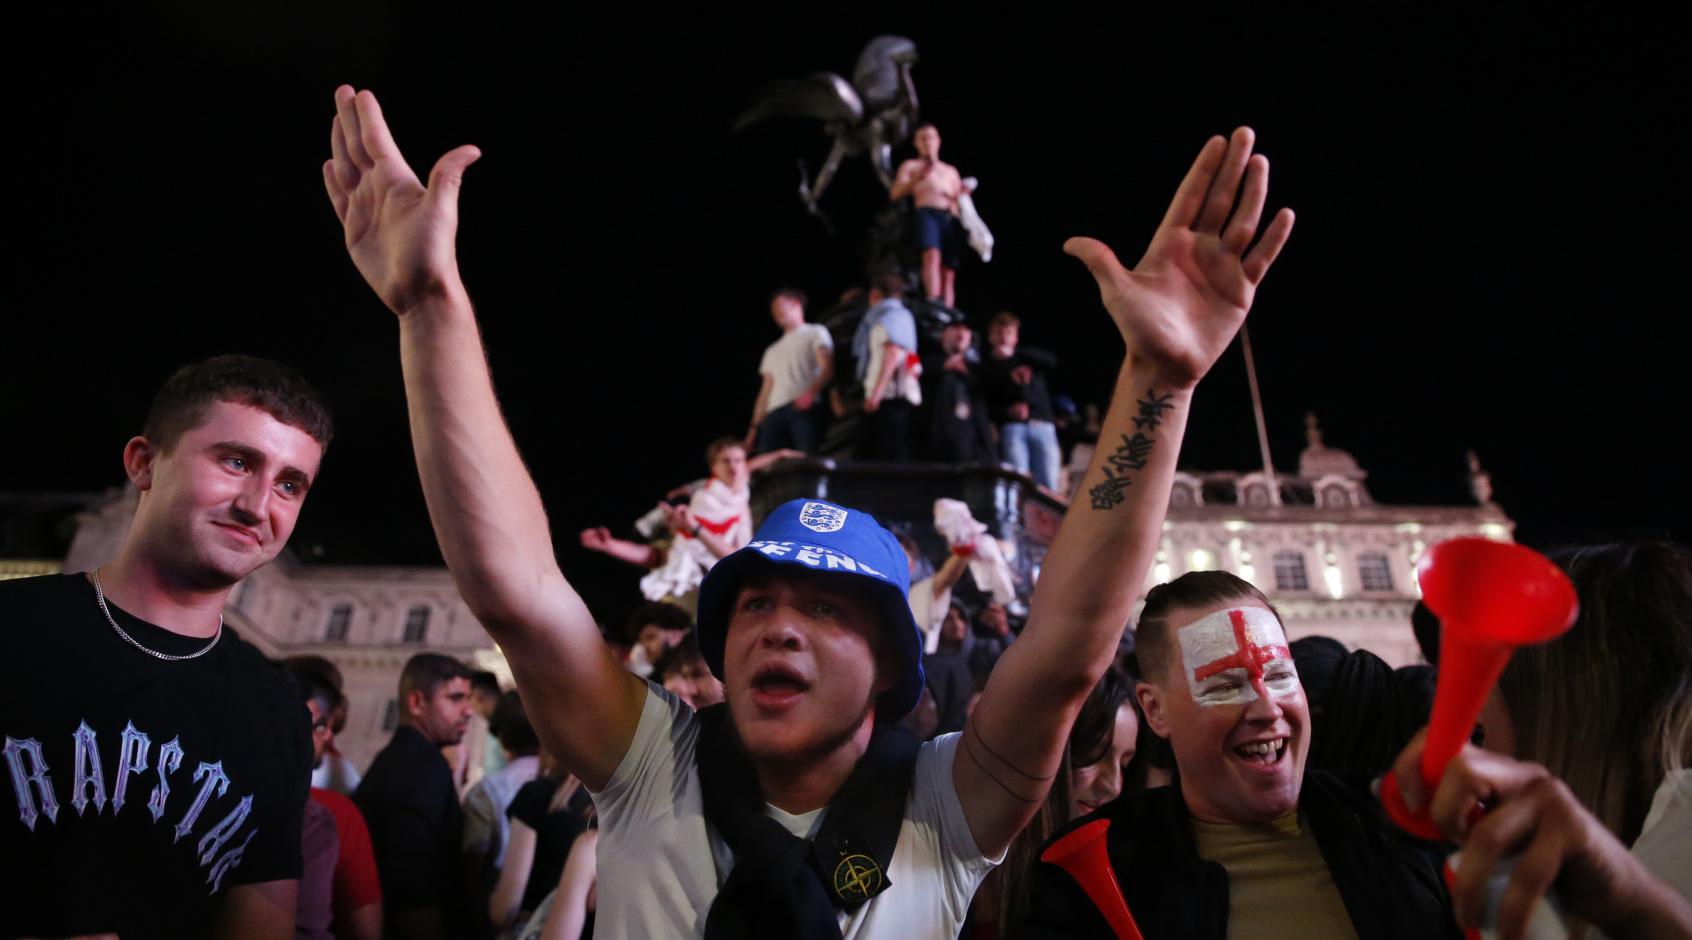 УЕФА намерен серьезно наказать сборную Англии